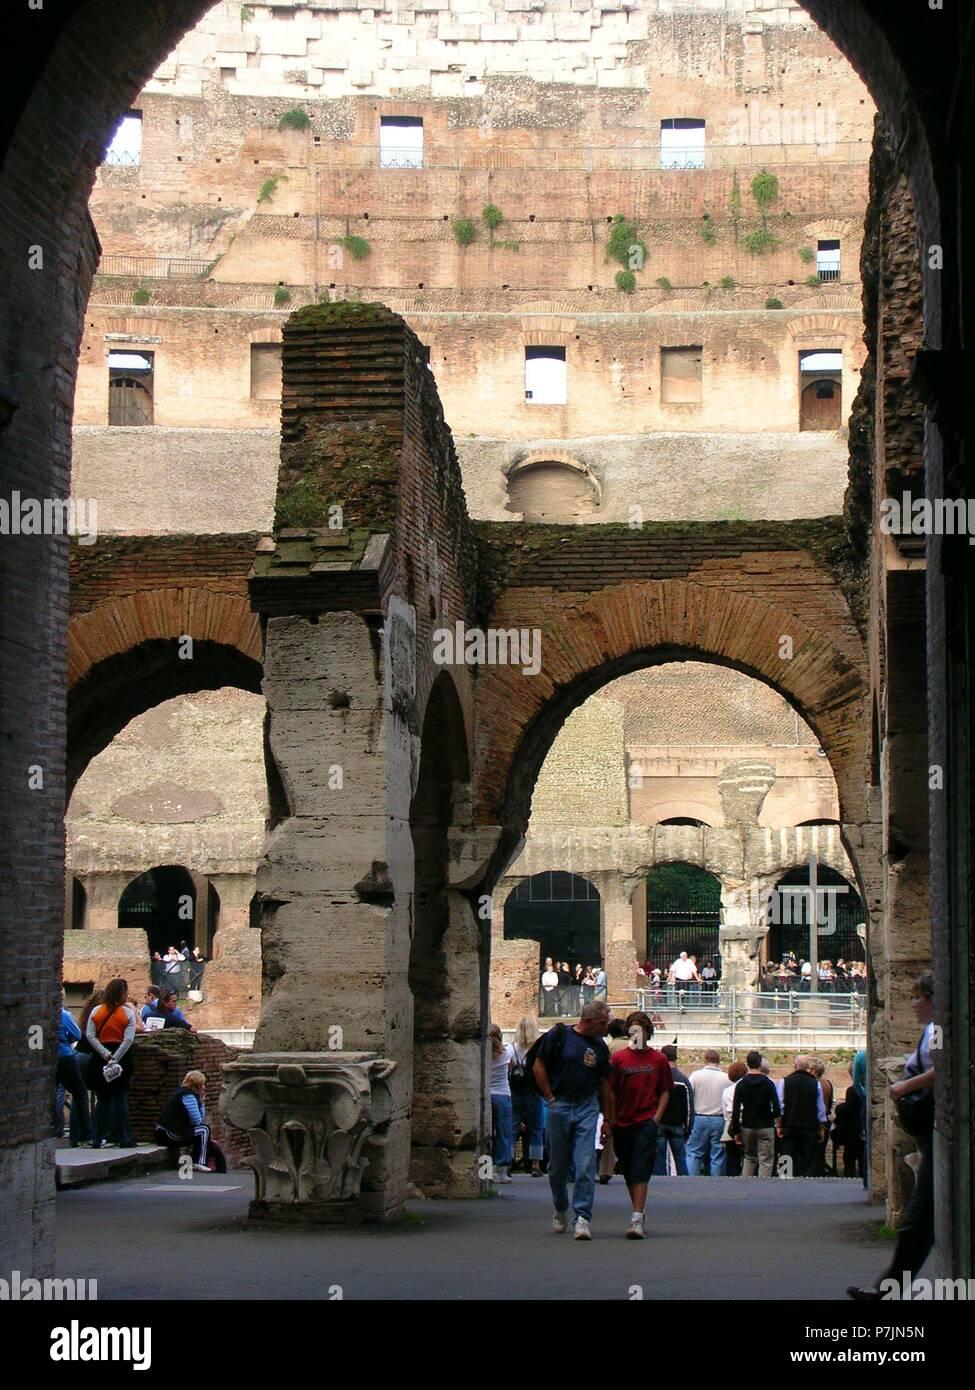 Innenraum Del Coliseo Romano Construido En El Siglo I Lage